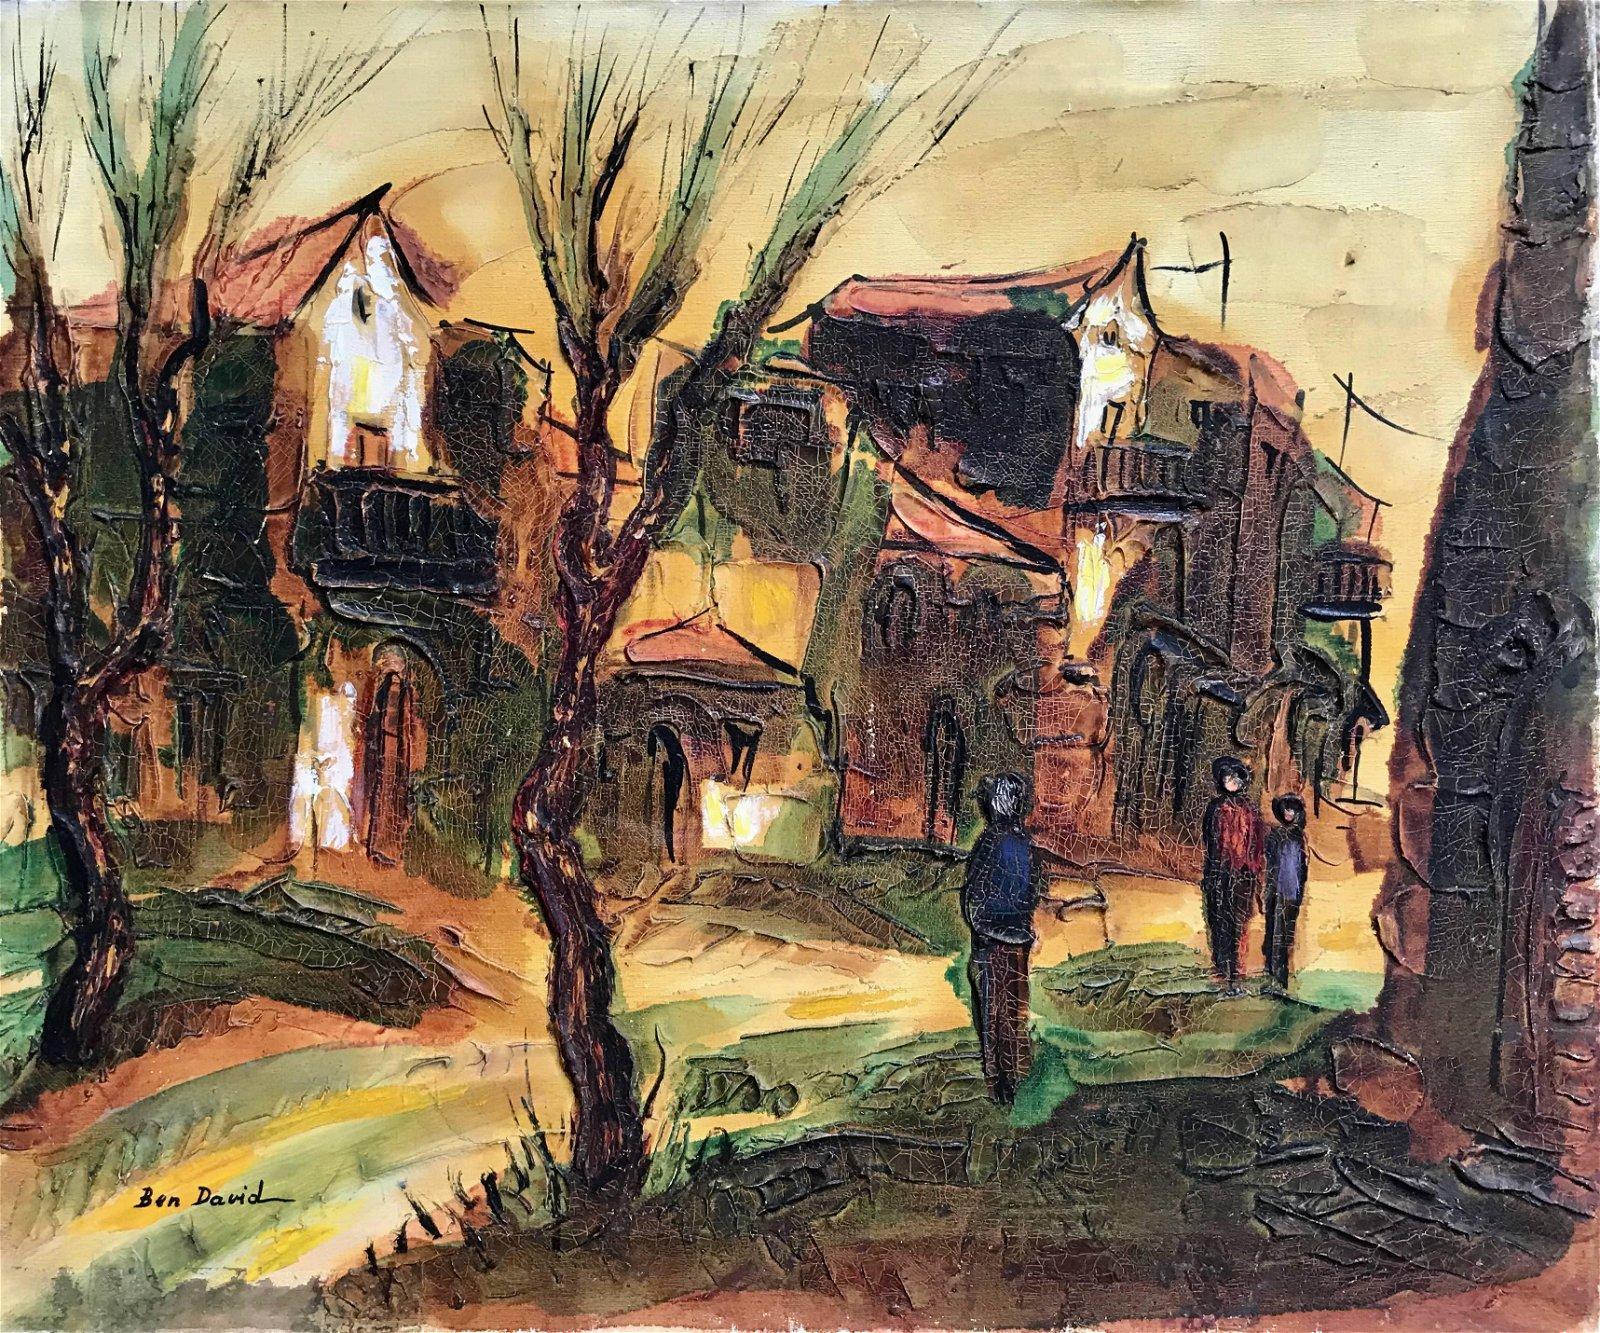 Israeli Abstract Impasto Village Painting BEN DAVID